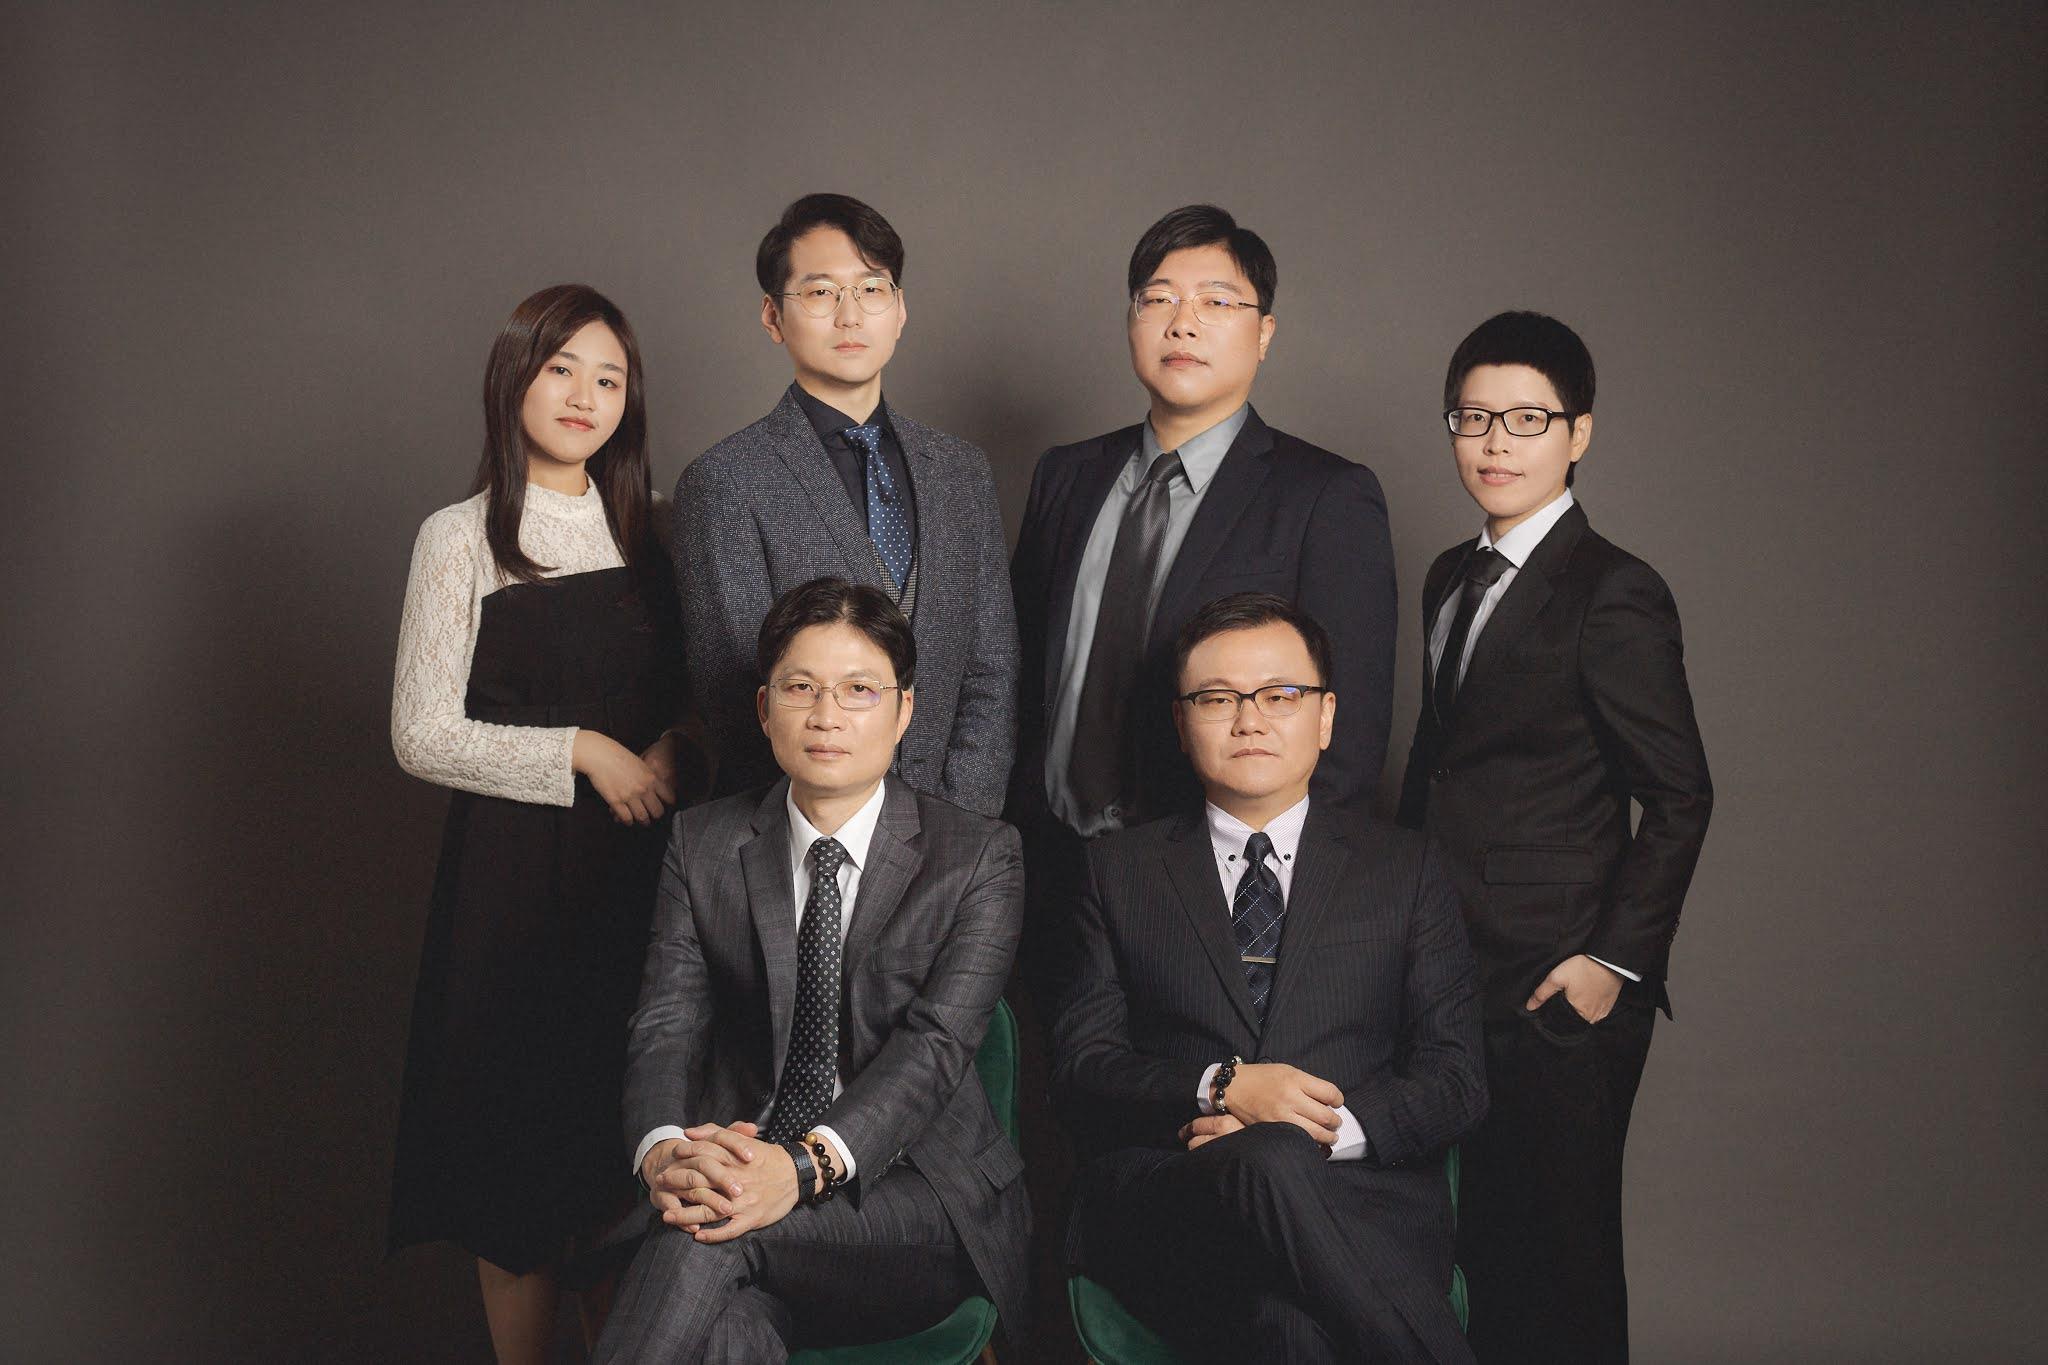 【形象照】兆宇國際法律事務所 形象拍攝